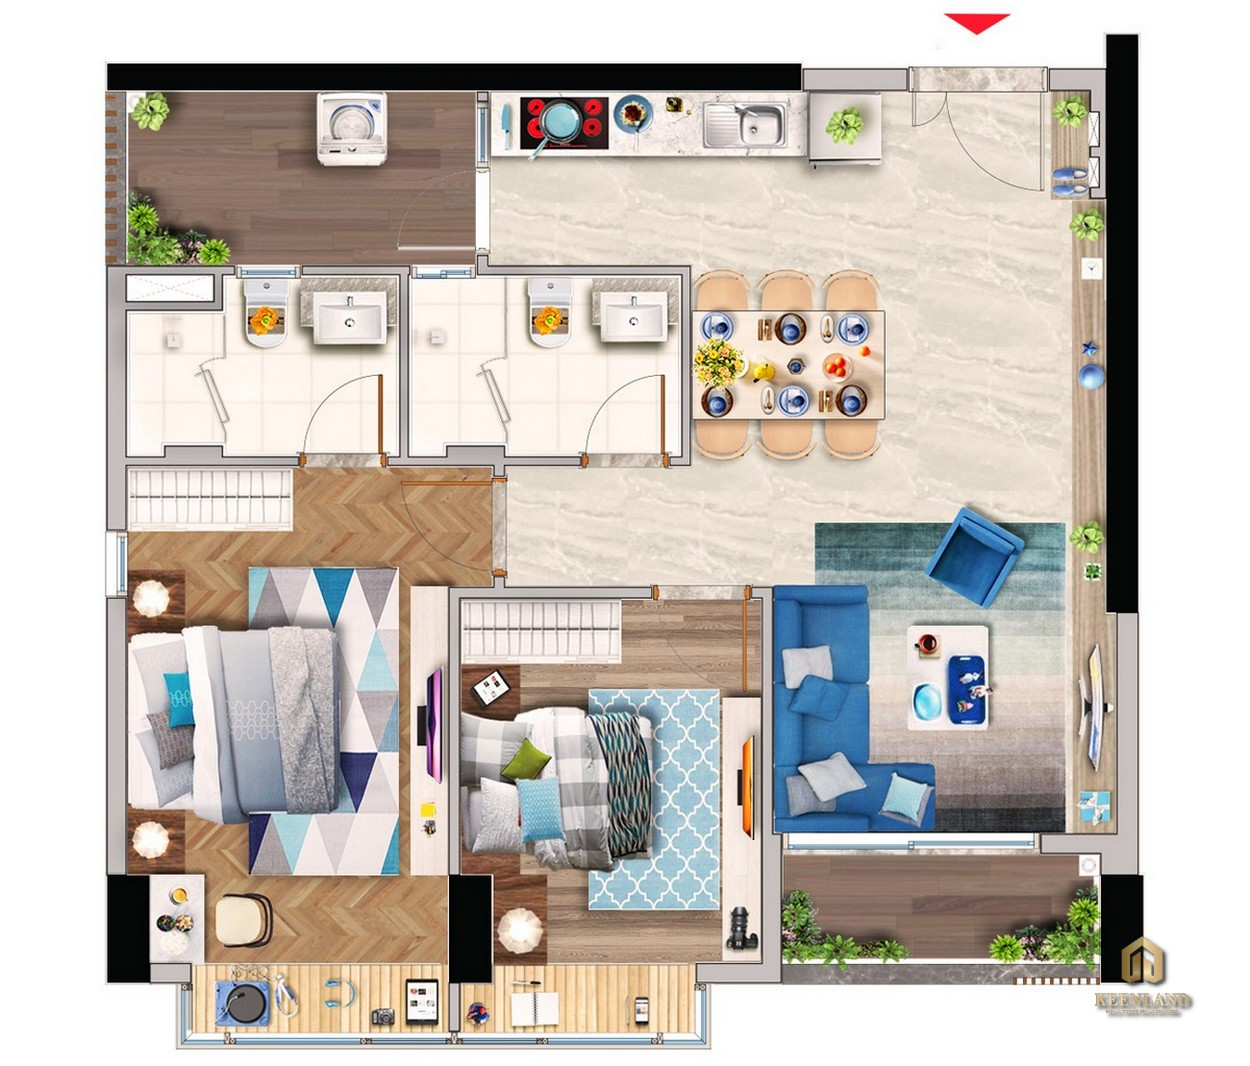 Thiết kế chi tiết căn hộ điển hình 2PN tòa M8B dự án Midtown The Peak Quận 7